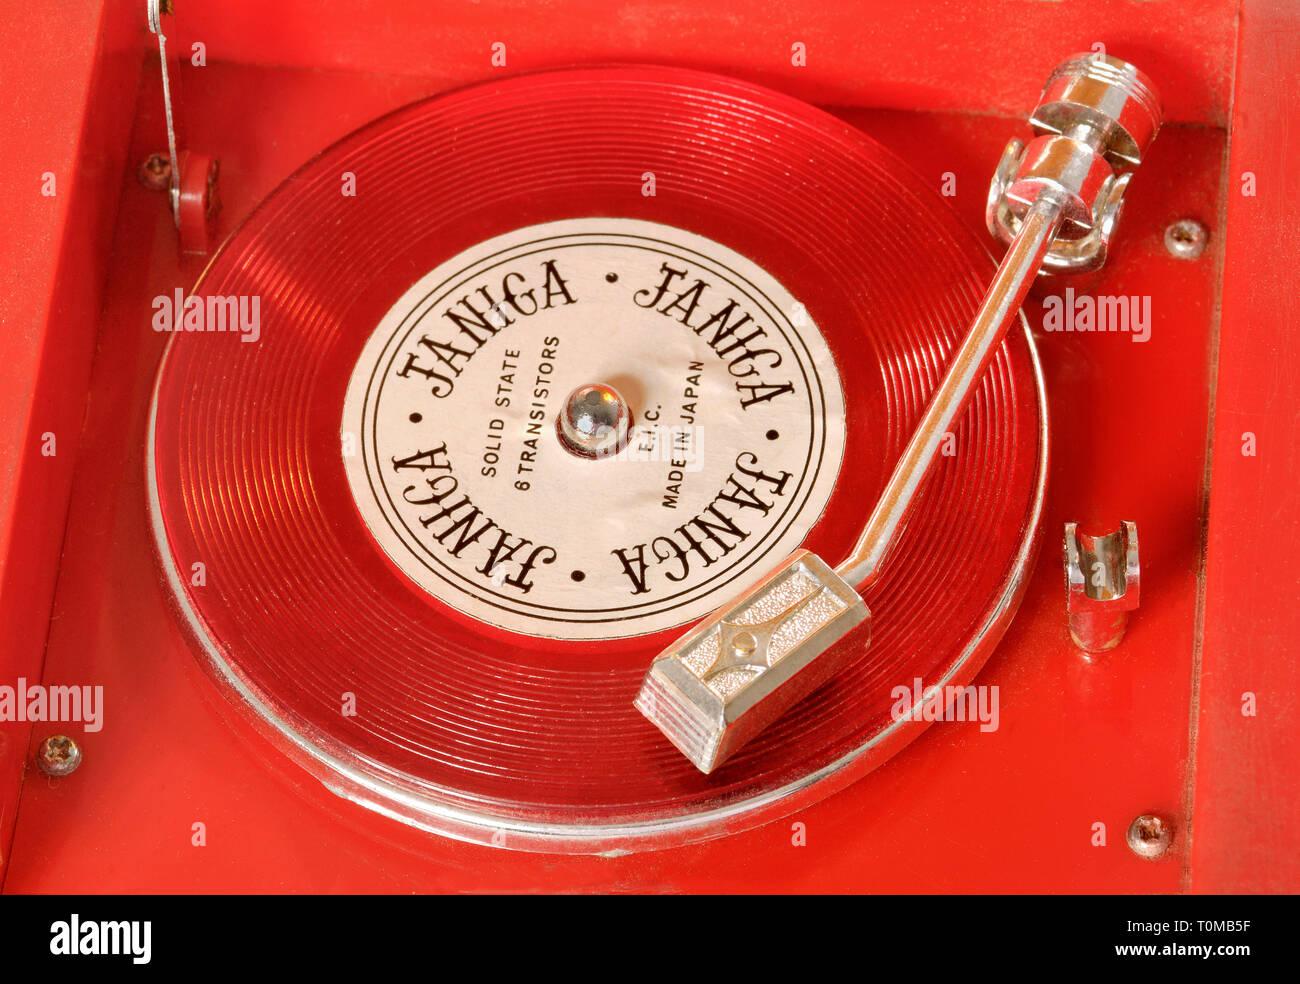 Giocattoli, record giocatore, miniatura, realizzato da: Janica, Giappone, circa 1977, Additional-Rights-Clearance-Info-Not-Available Immagini Stock